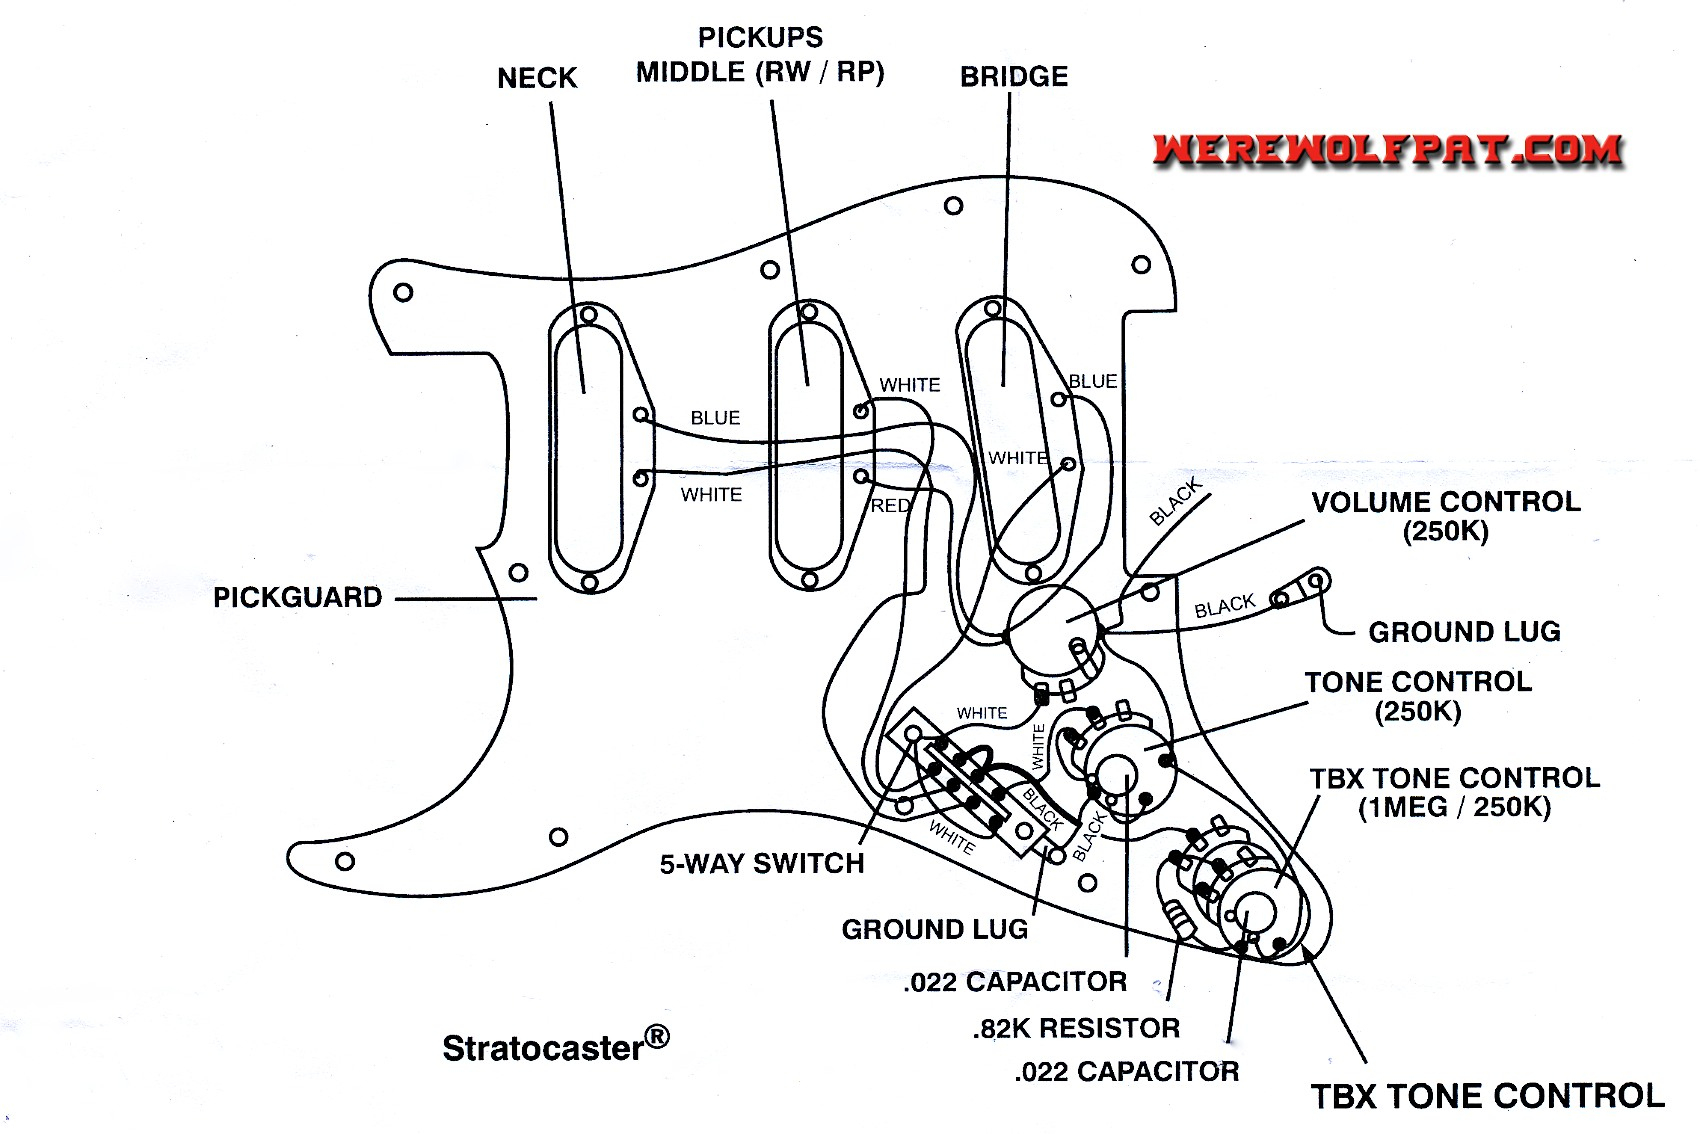 Wiring Diagrams - L Like Wiring - Strat Wiring Diagram